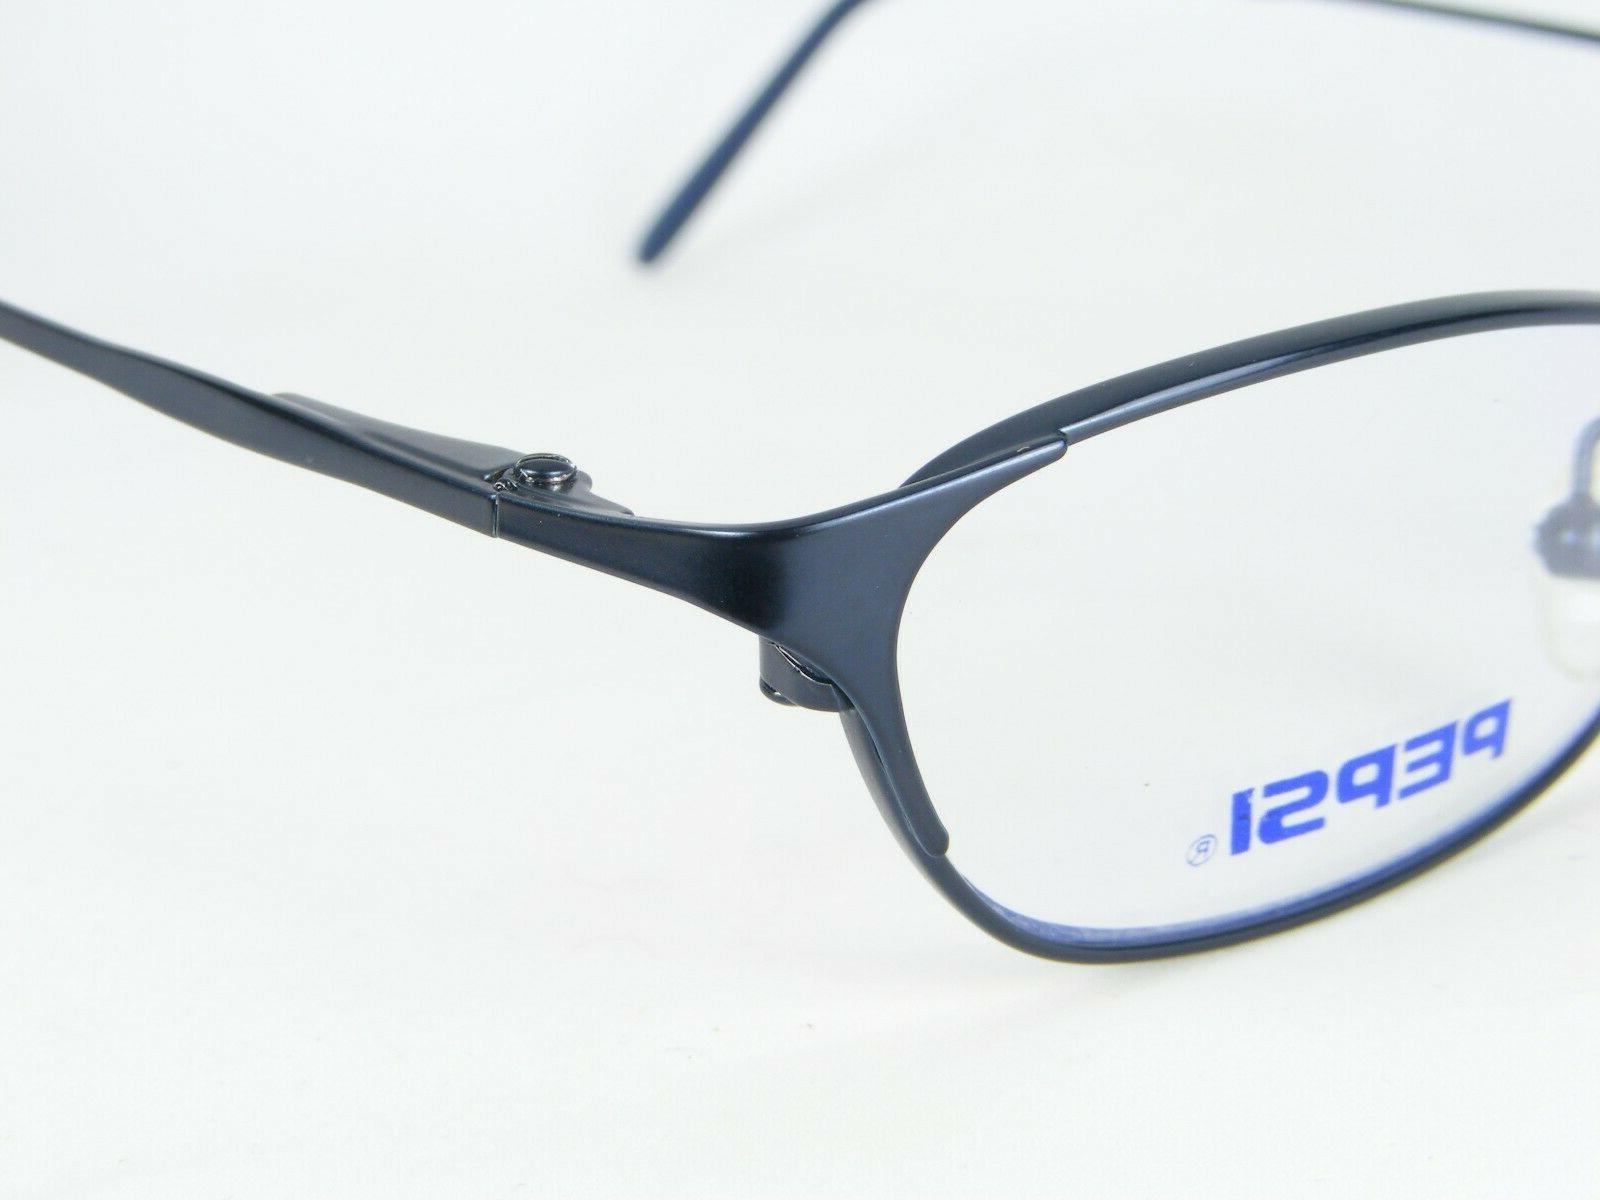 NEW 6641 BLUE EYEGLASSES FRAME